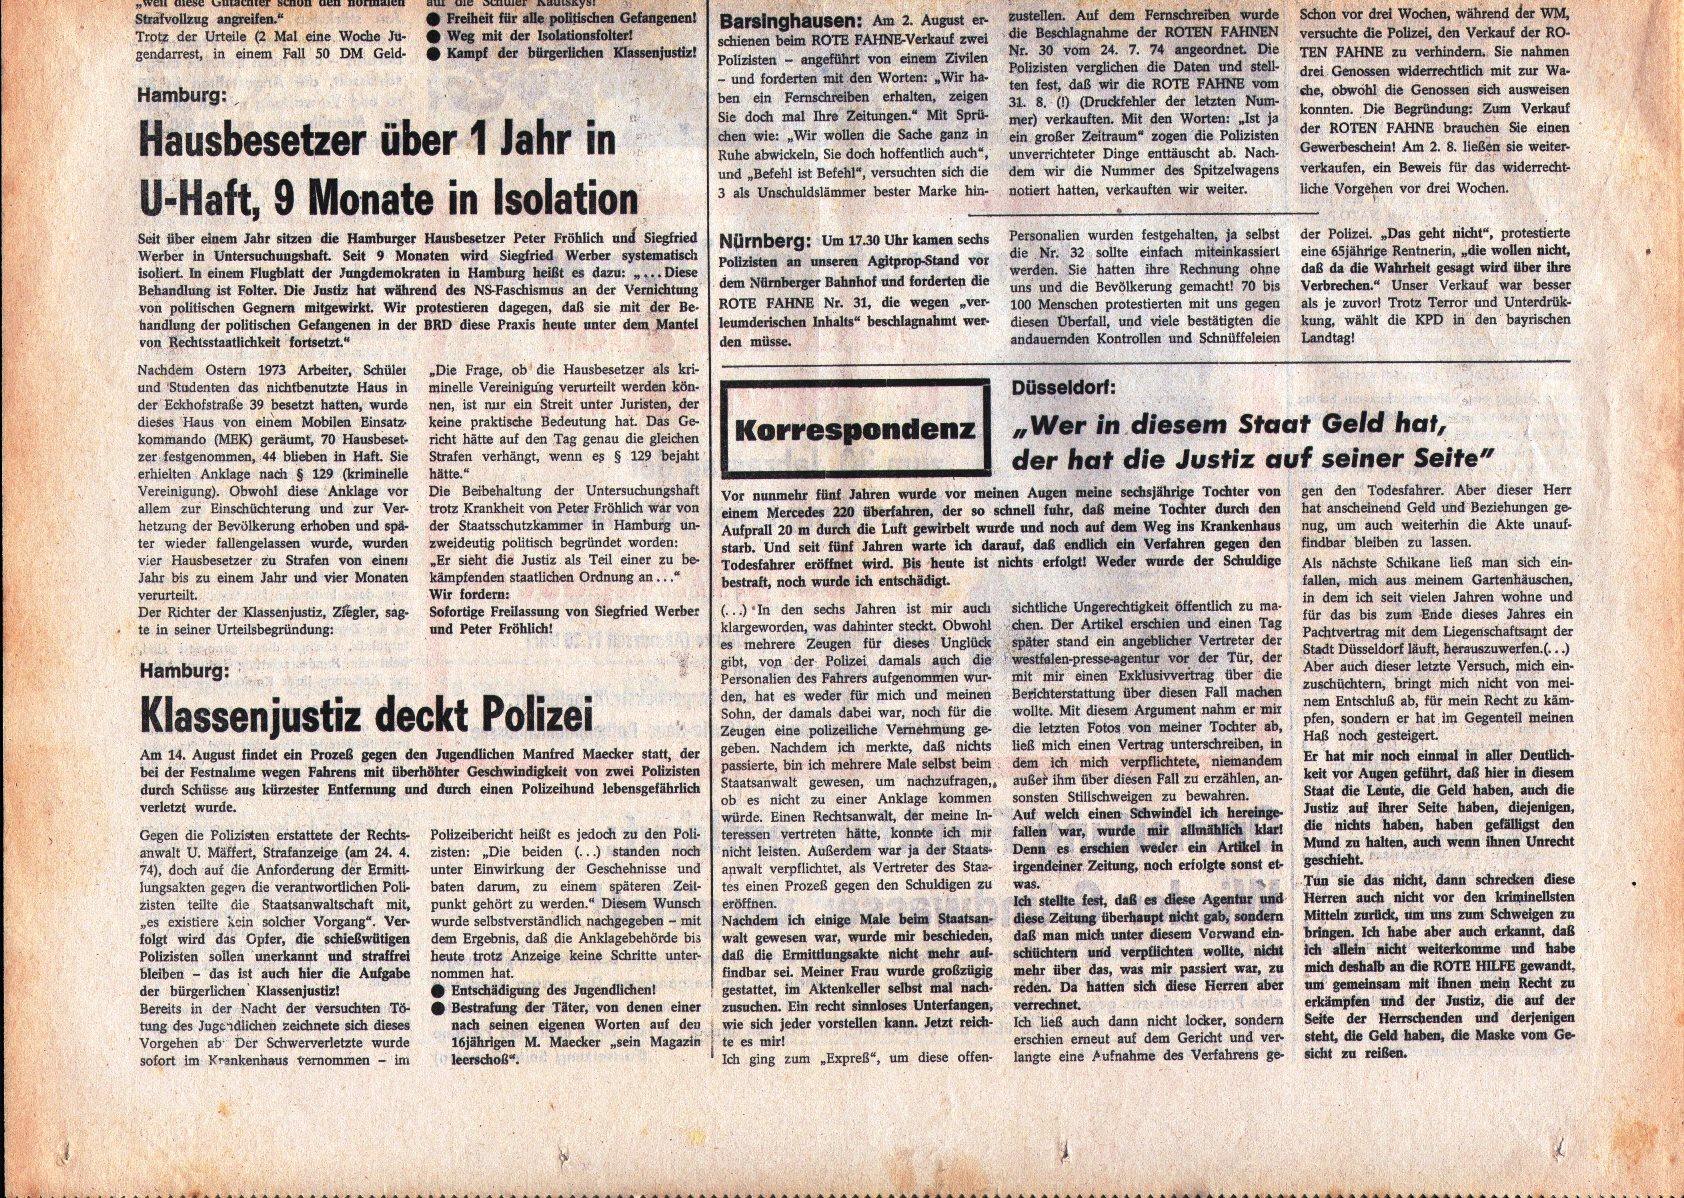 KPD_Rote_Fahne_1974_33_04